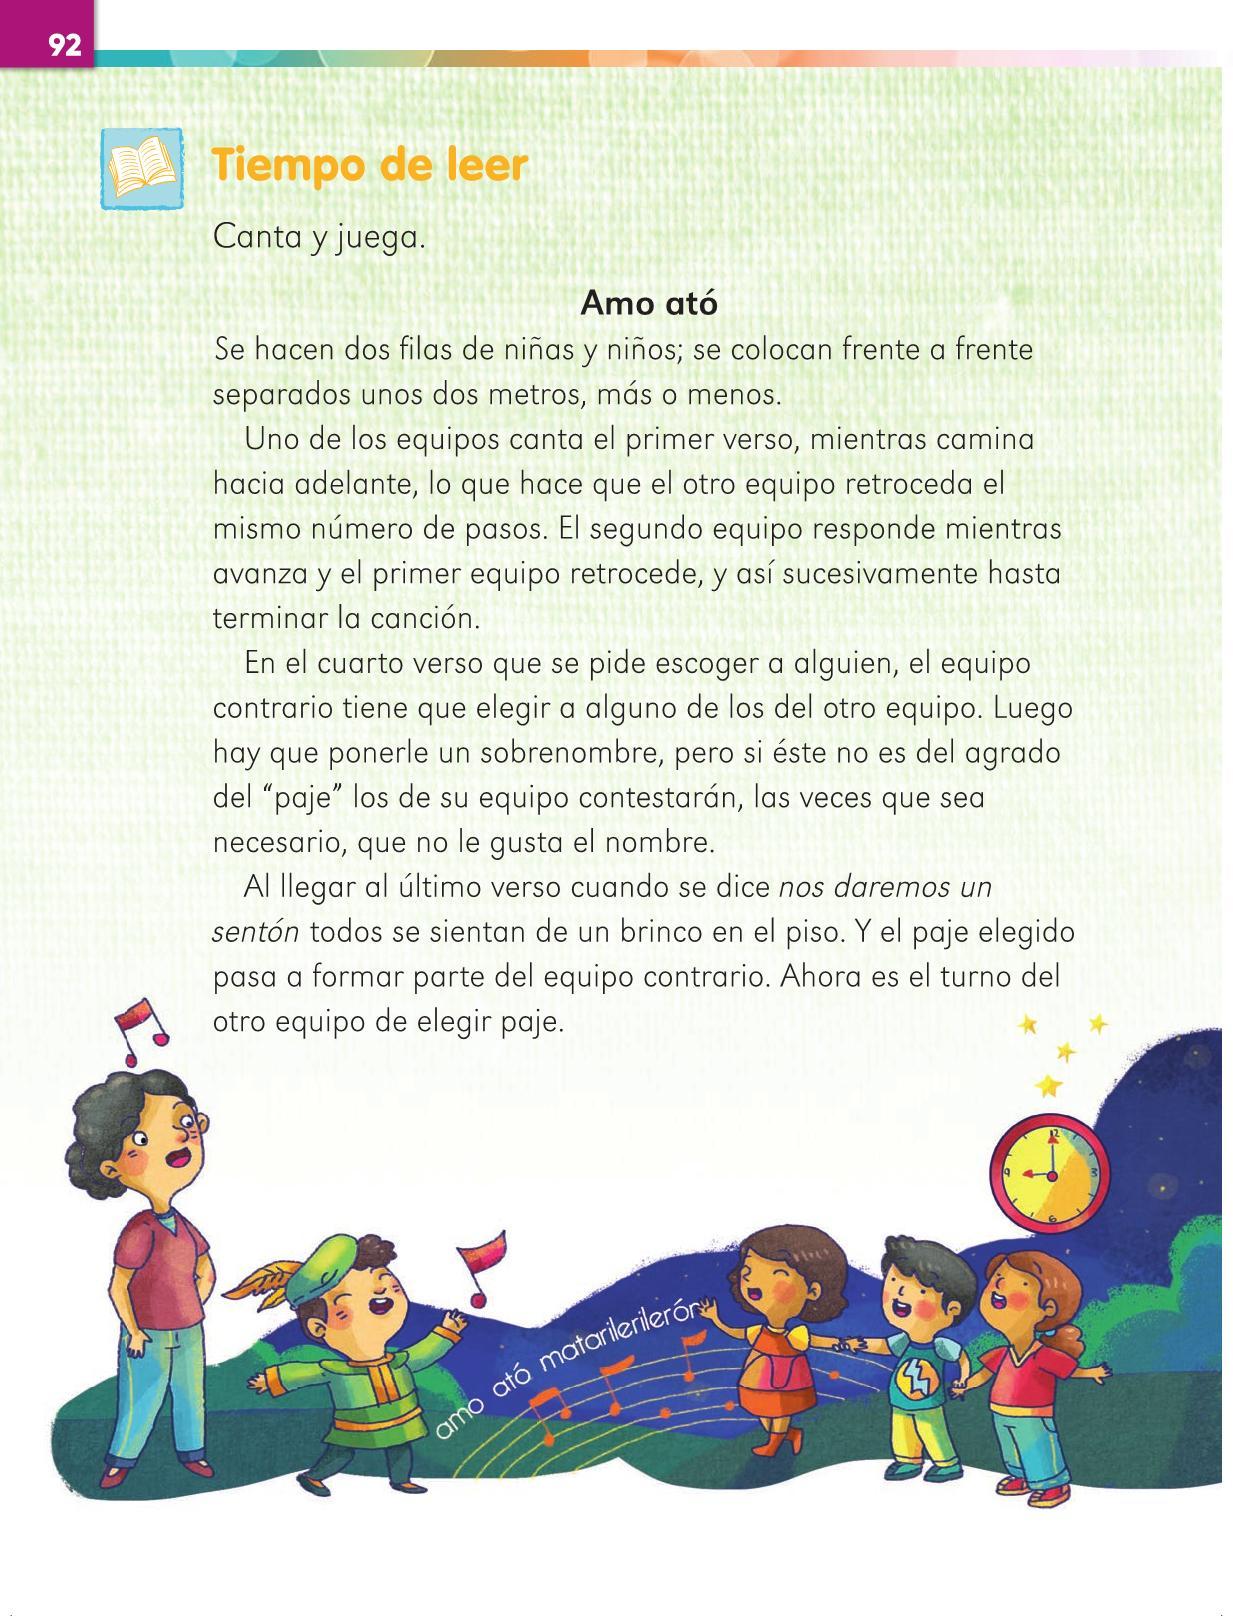 Lengua Materna Español Primer grado página 92